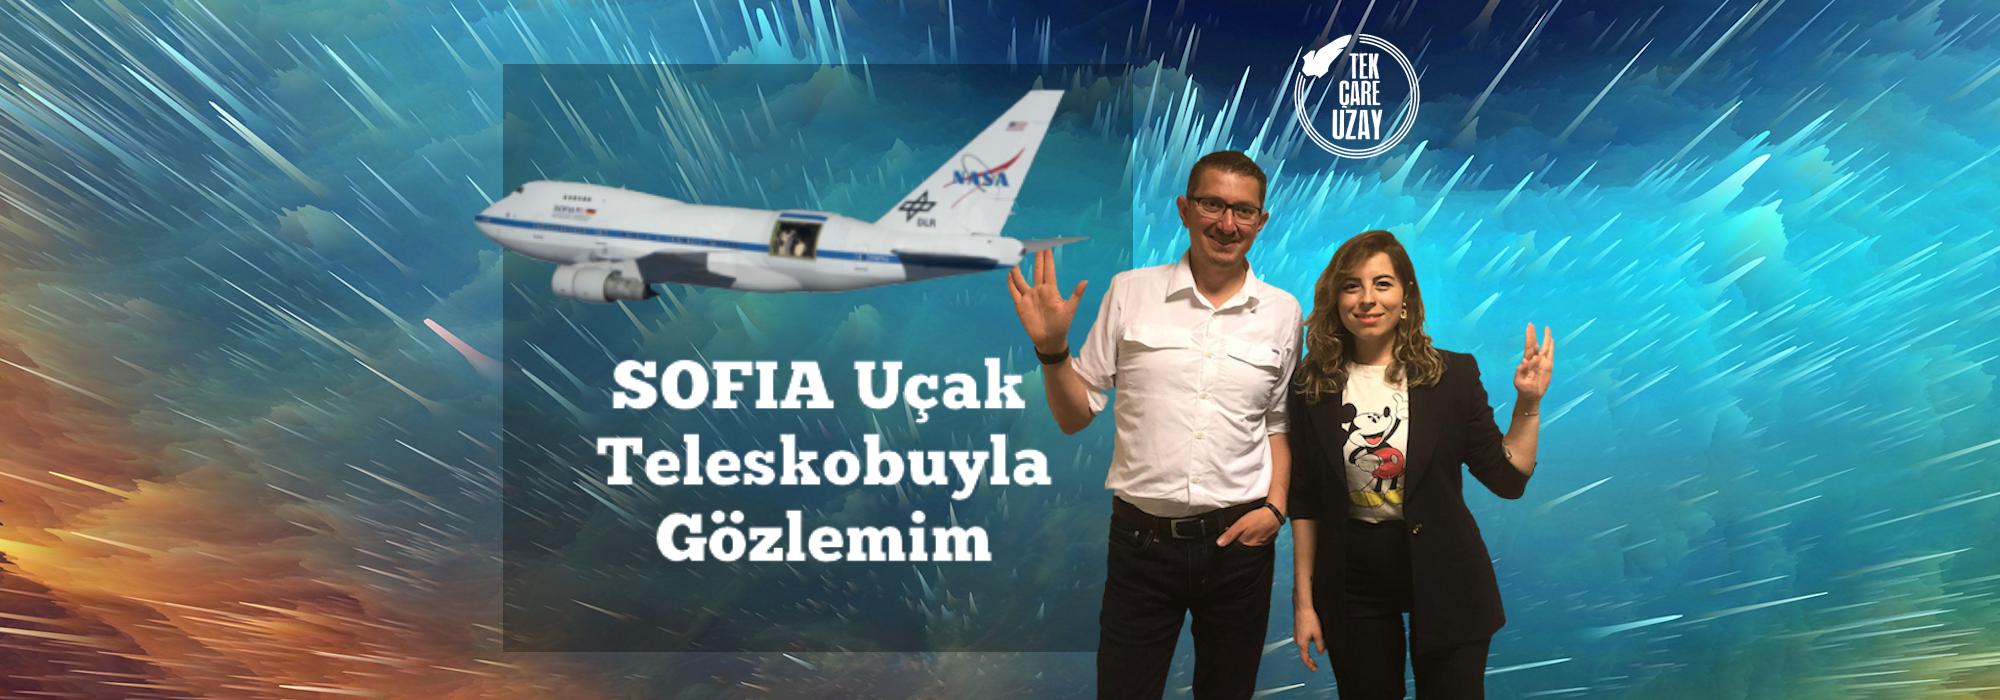 Tek Çare Uzay | SOFIA Uçak Teleskobu ve Yeni Zelanda